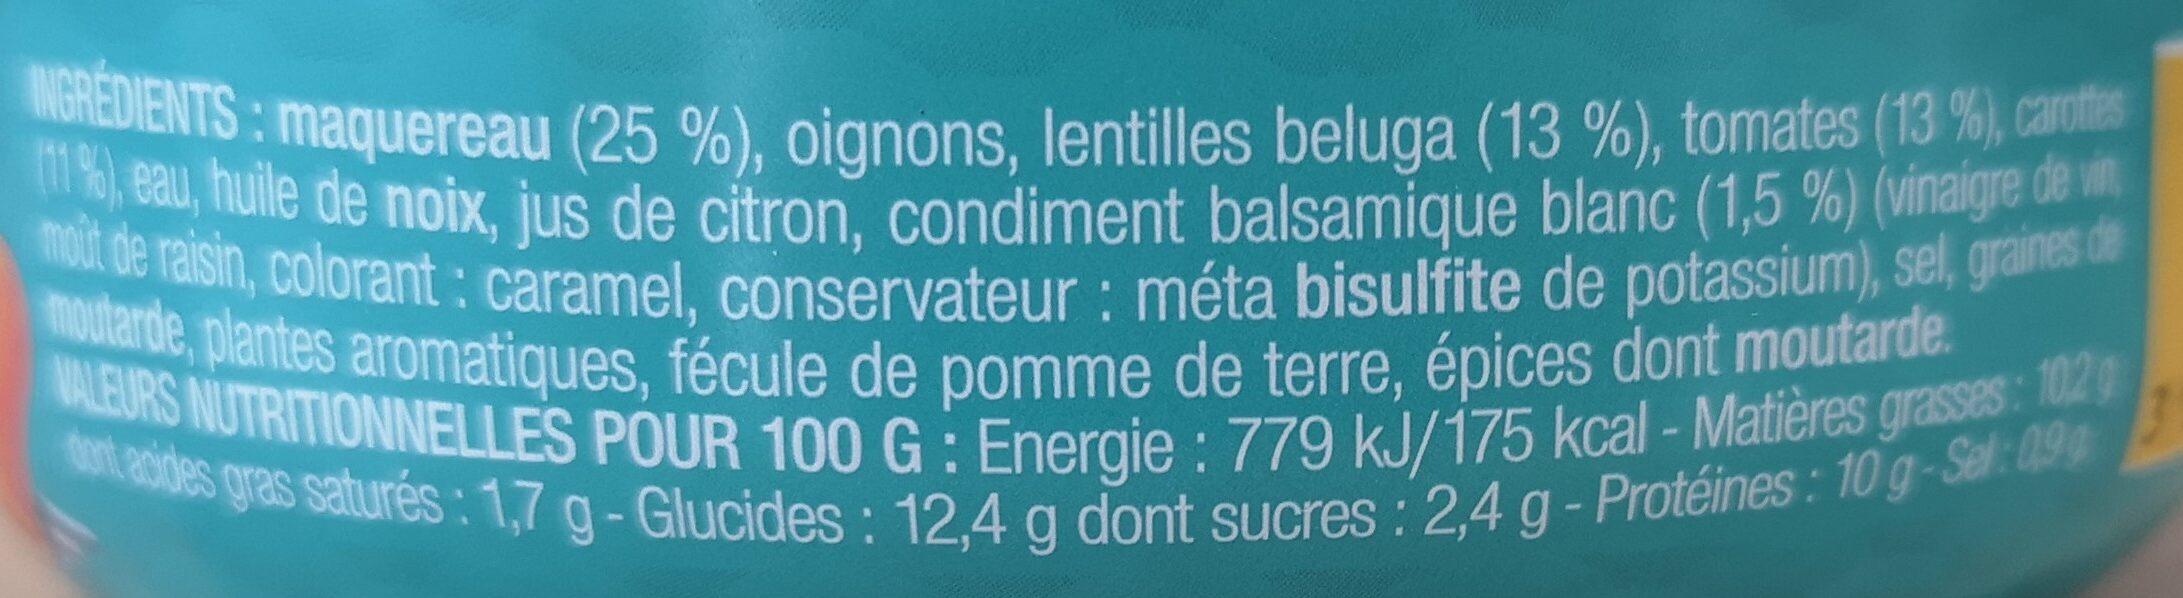 Les salades prêtes à déguster - Maquereau, lentilles beluga au balsamique blanc - Informations nutritionnelles - fr